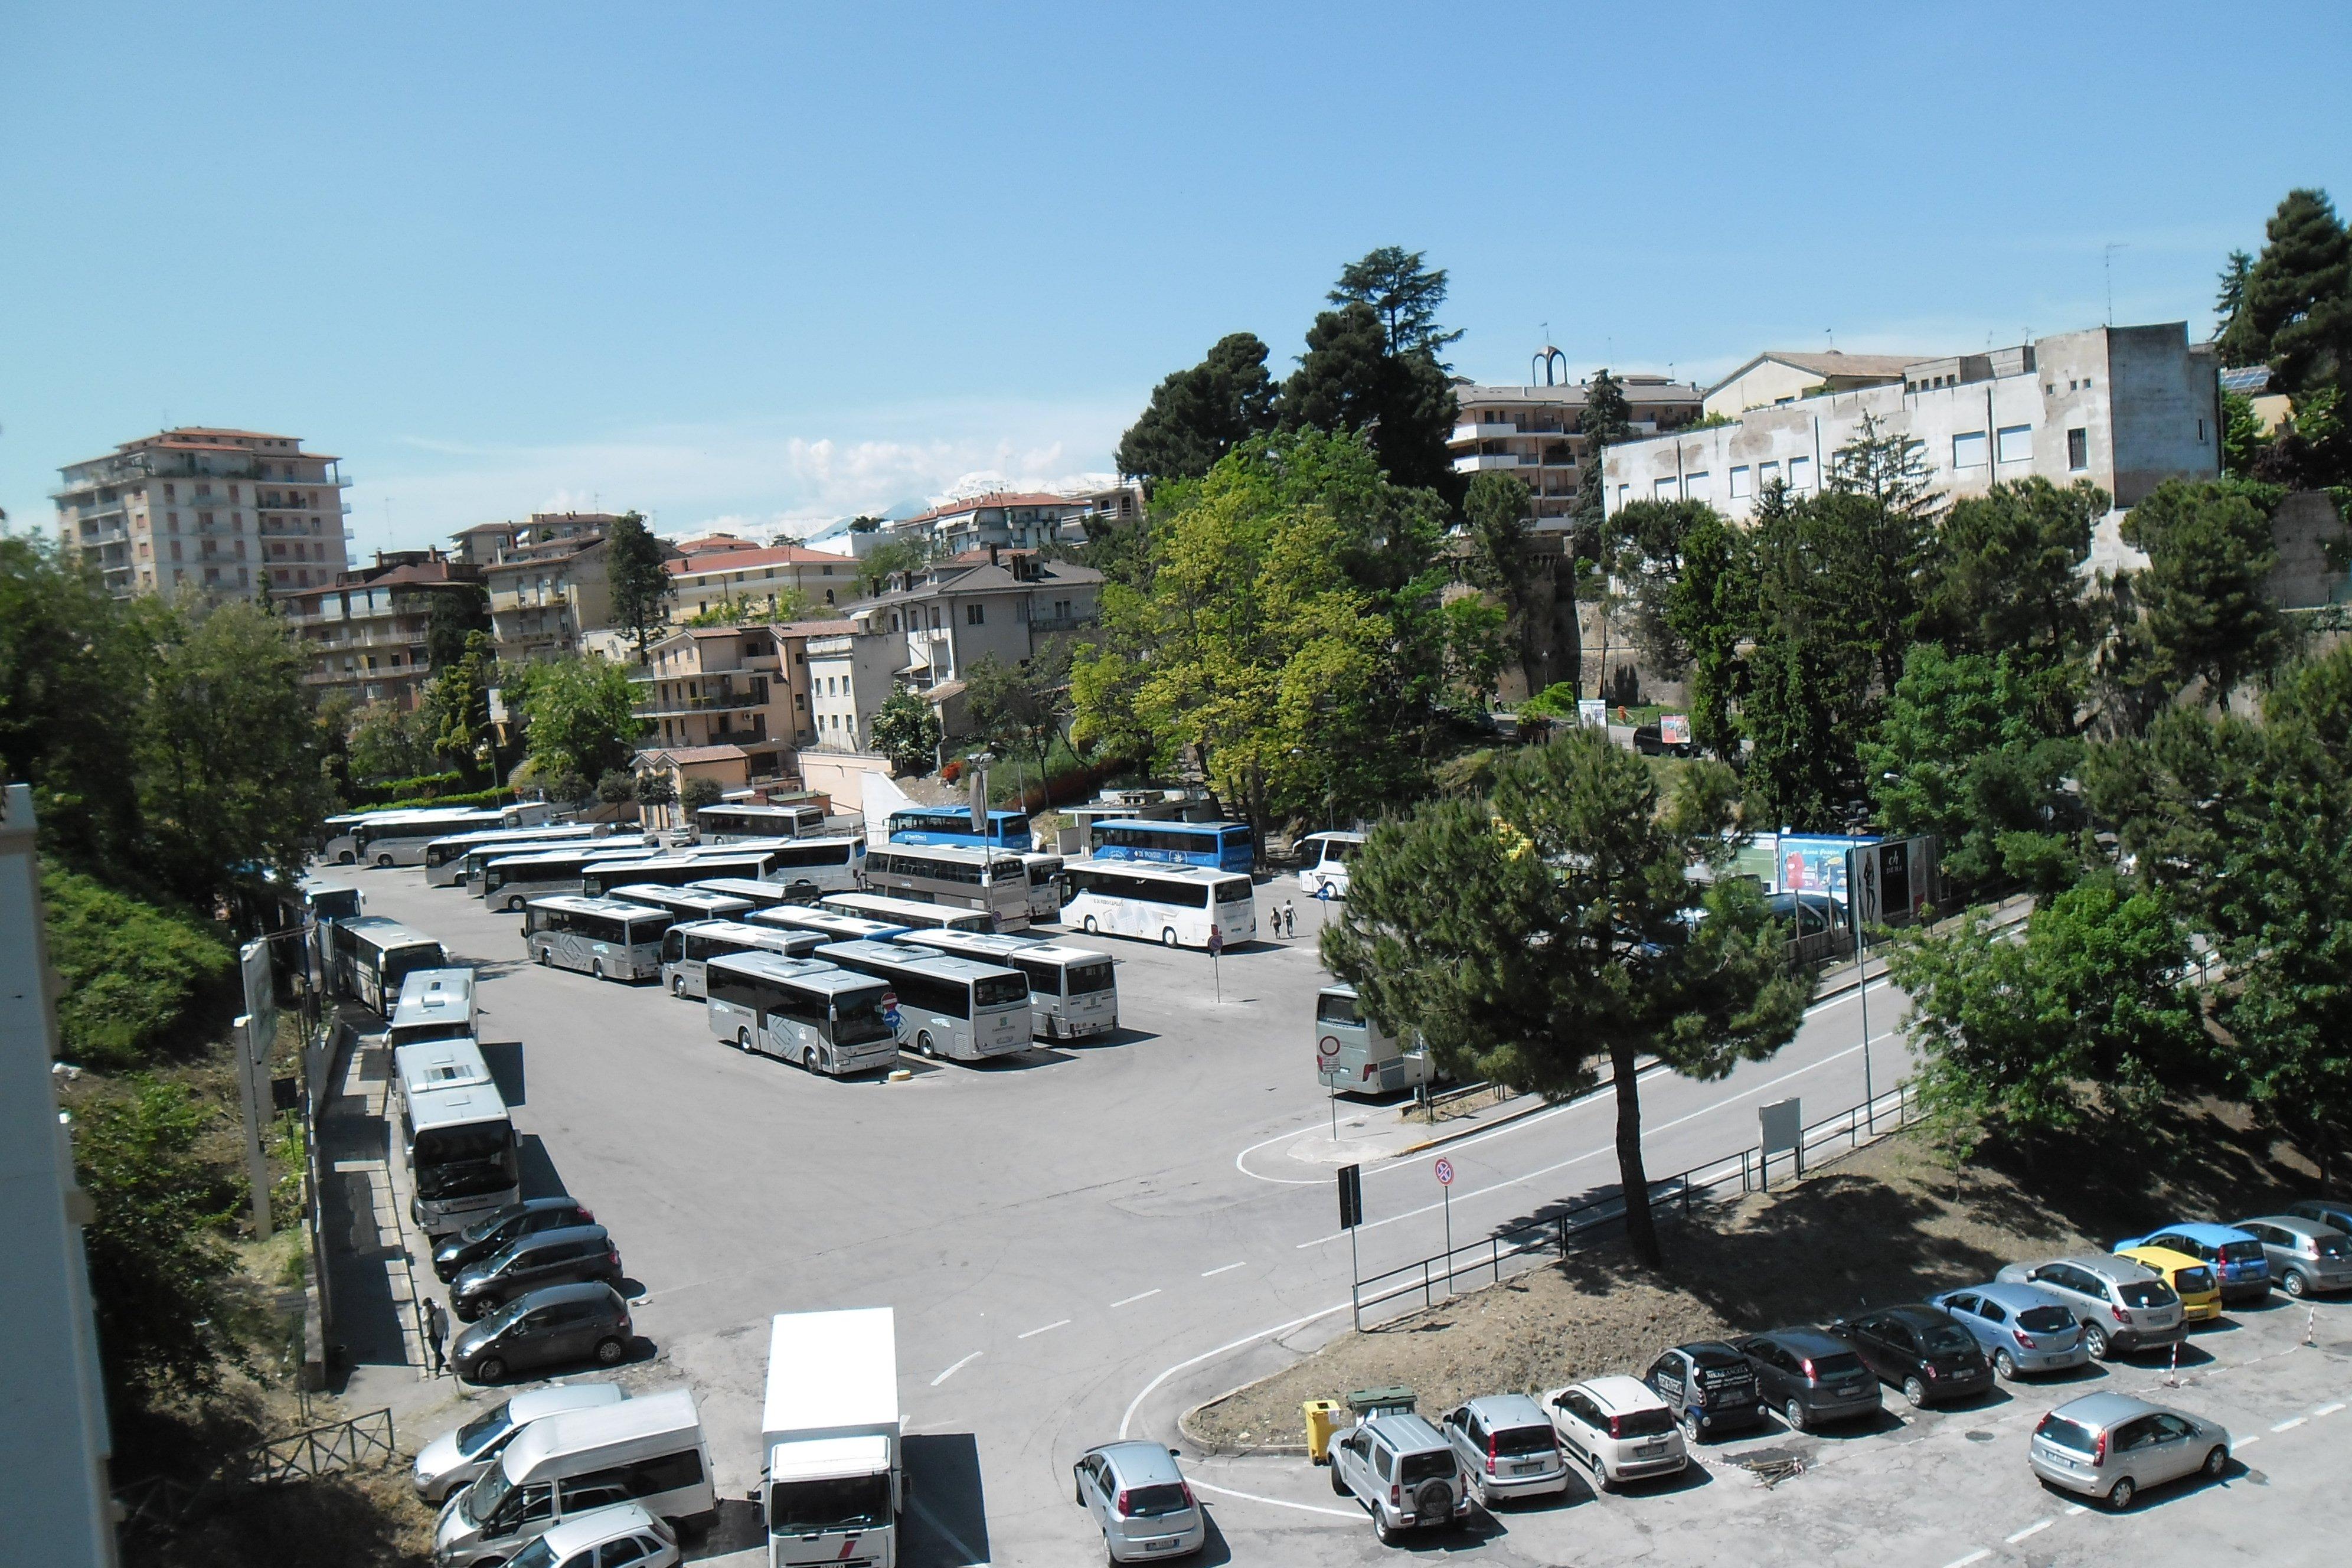 vista dall'alto di un parcheggio bus a Lanciano